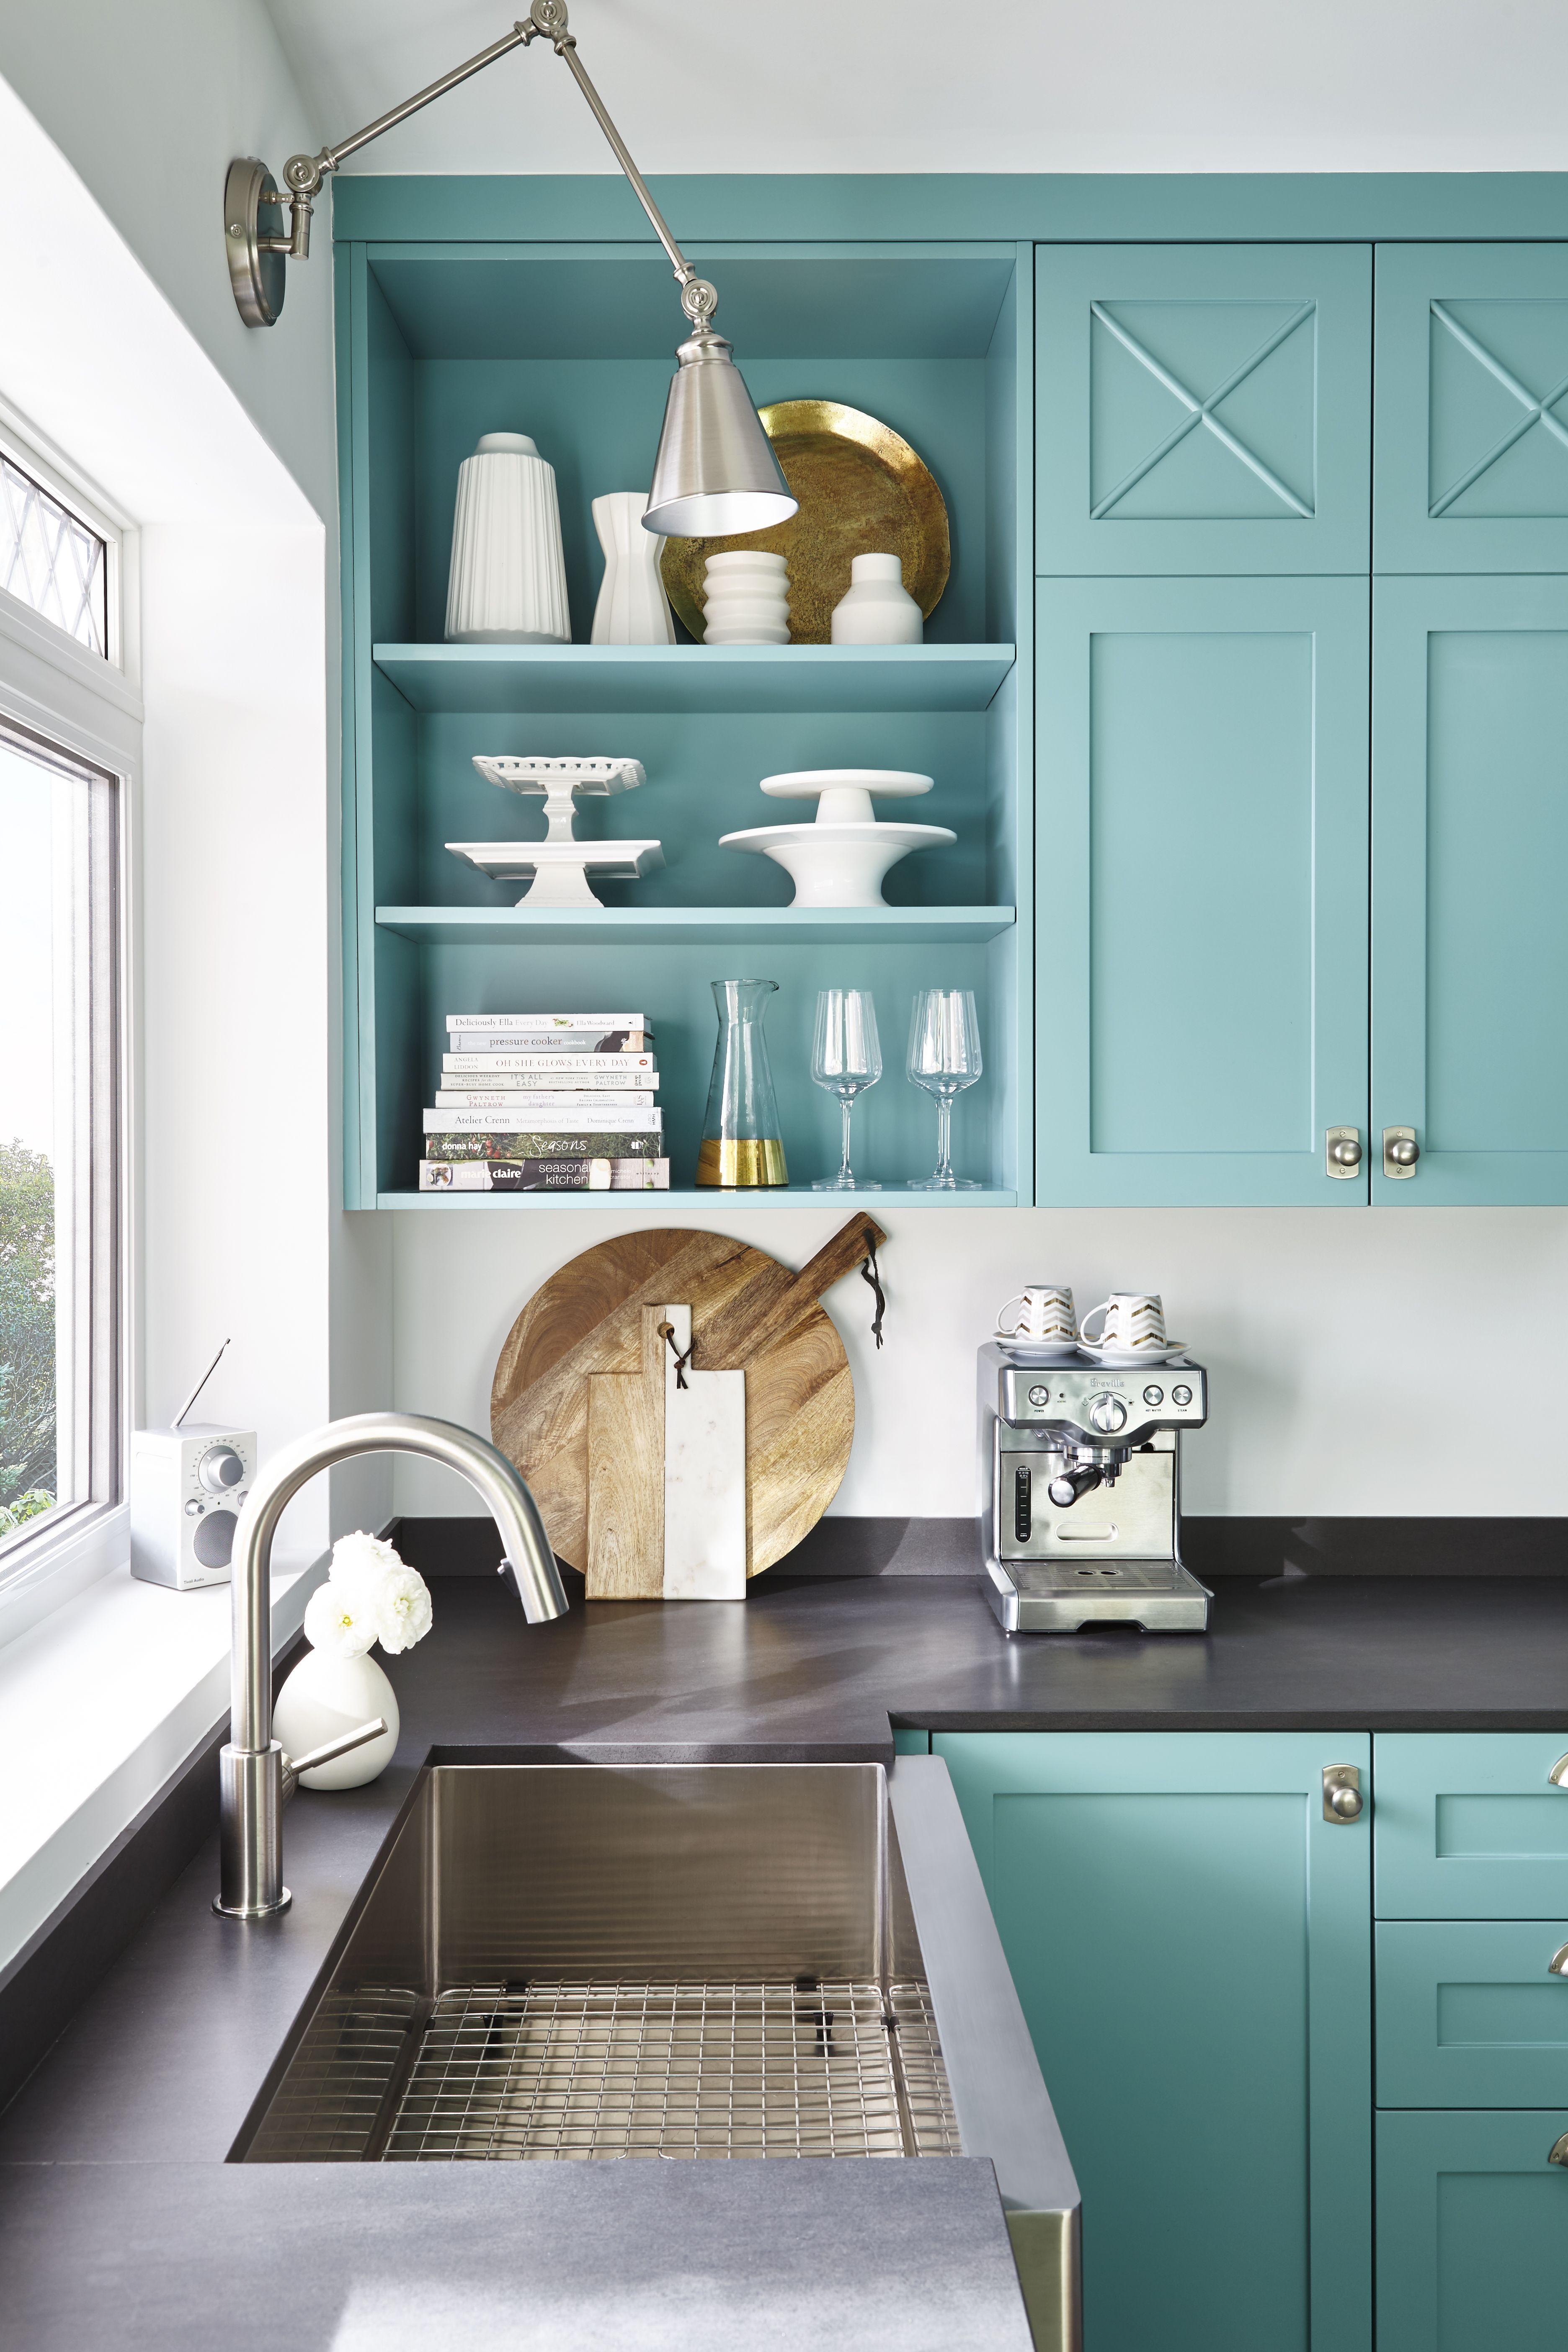 Turquoise kitchen | ¡! Cocina | Pinterest | Turquoise kitchen ...